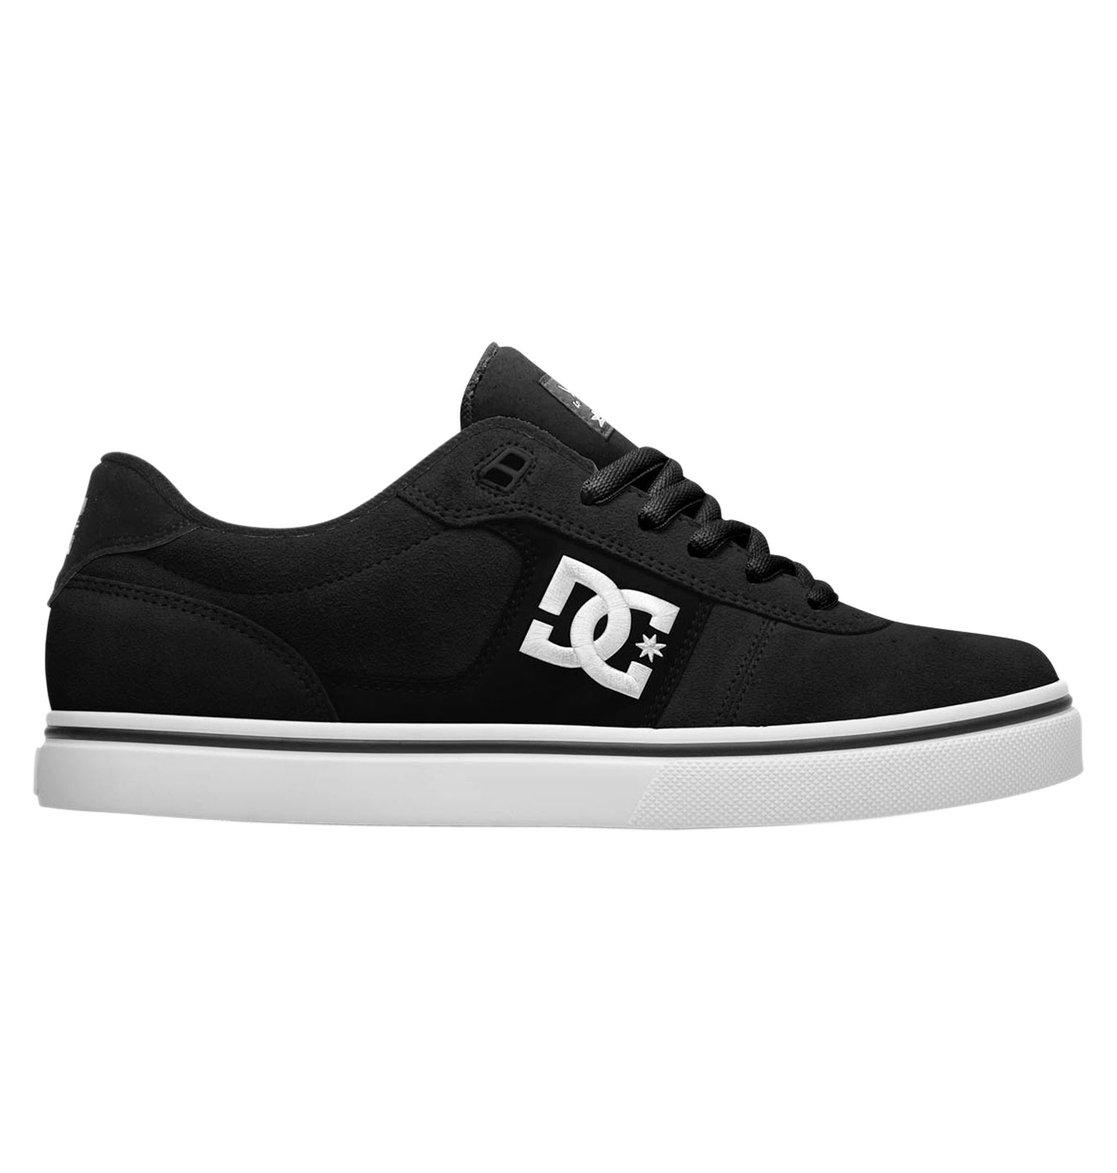 Skate shoes dc - 2 Men S Match Wc Skate Shoes 302728 Dc Shoes